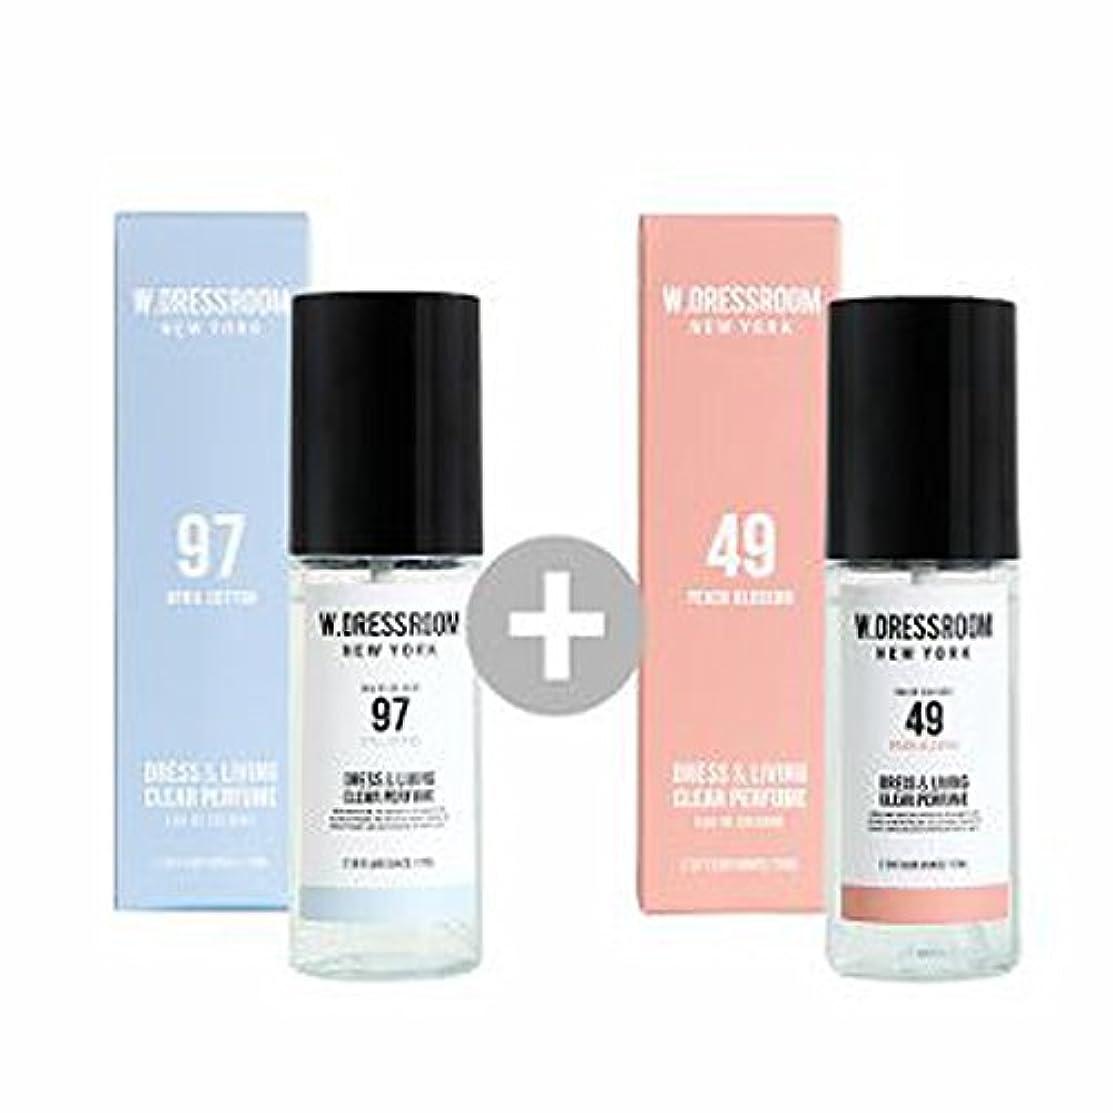 W.DRESSROOM Dress & Living Clear Perfume 70ml(No 97 April Cotton)+(No 49 Peach Blossom)